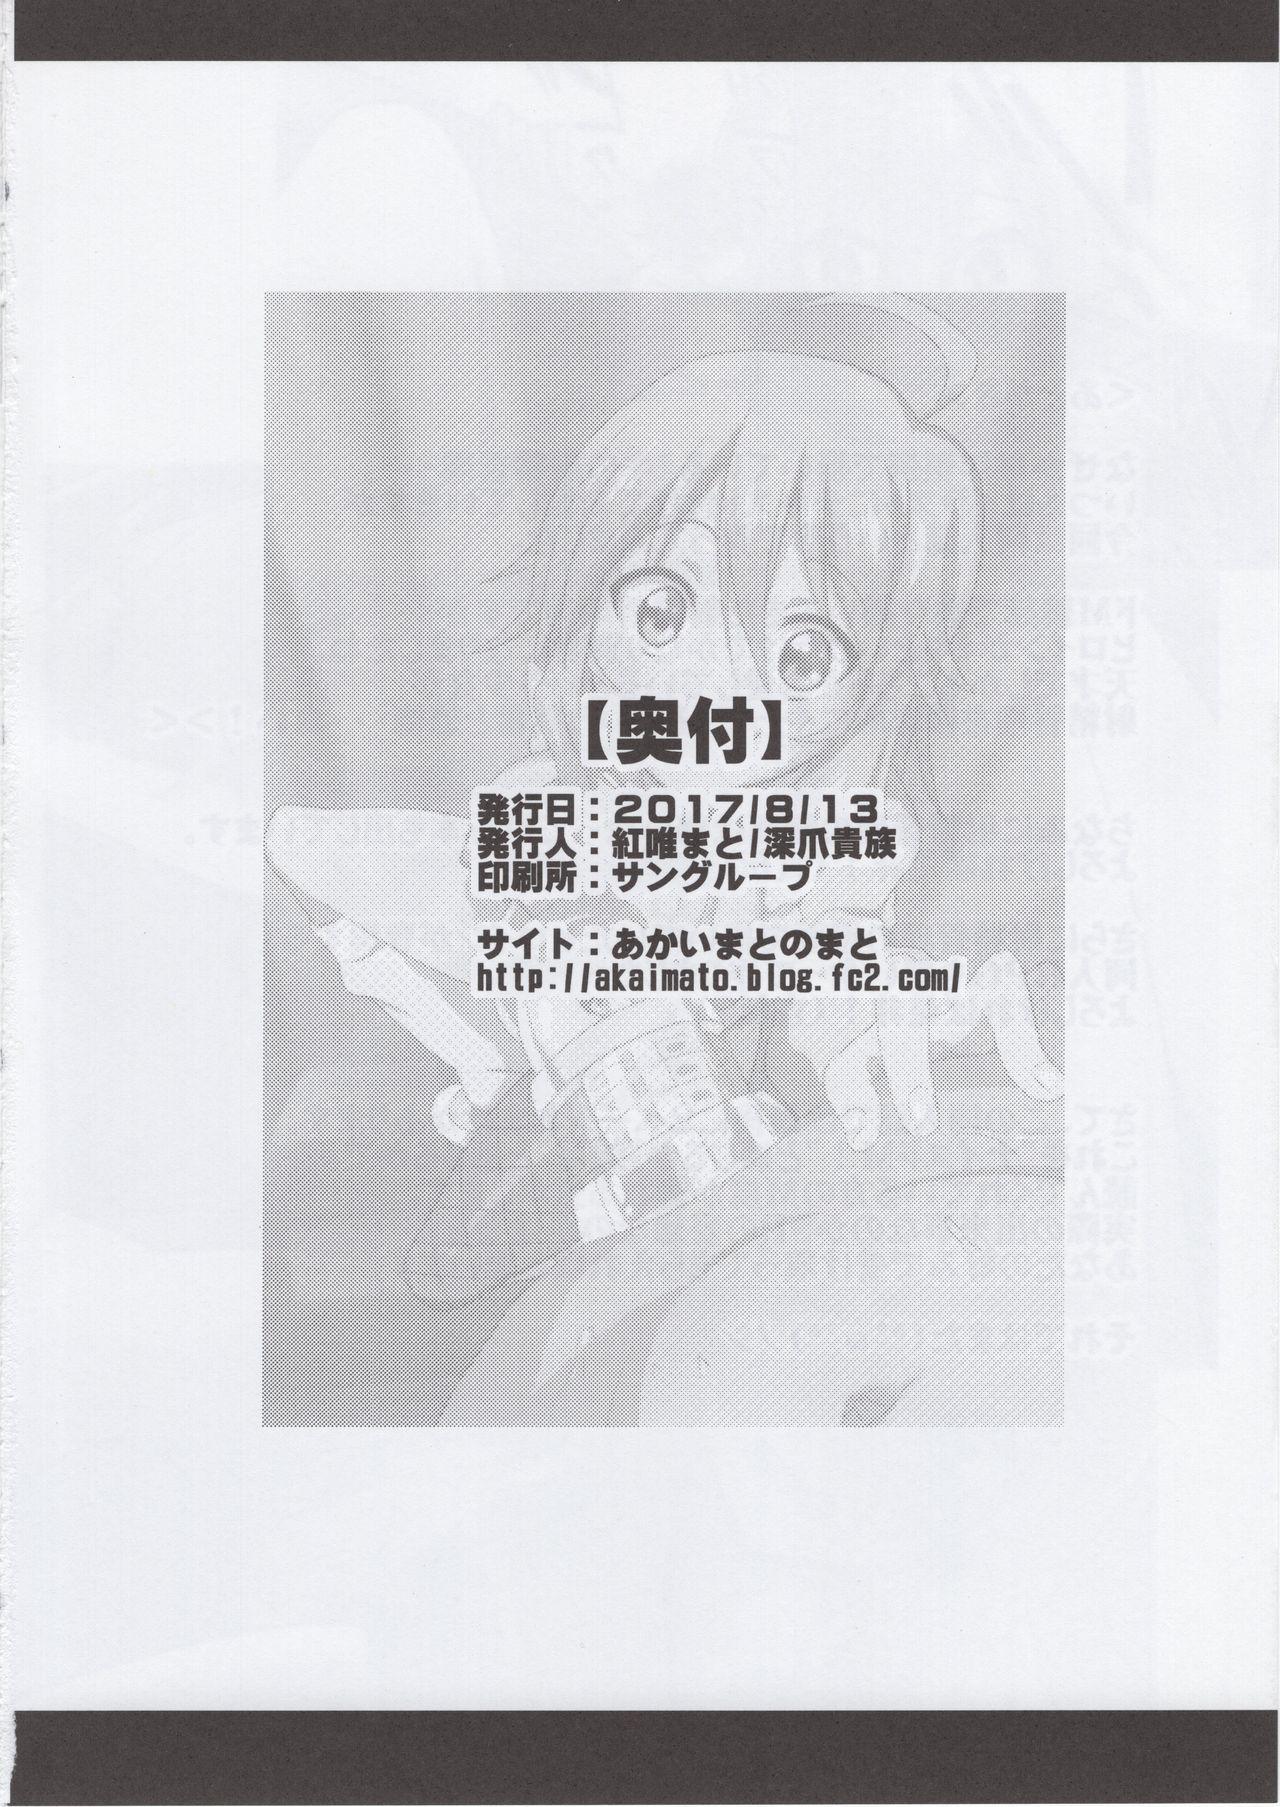 (C92) [Fukazume Kizoku (Akai Mato)] Miki no Honey wa Do-M-san Nano (THE IDOLM@STER MILLION LIVE!) 18